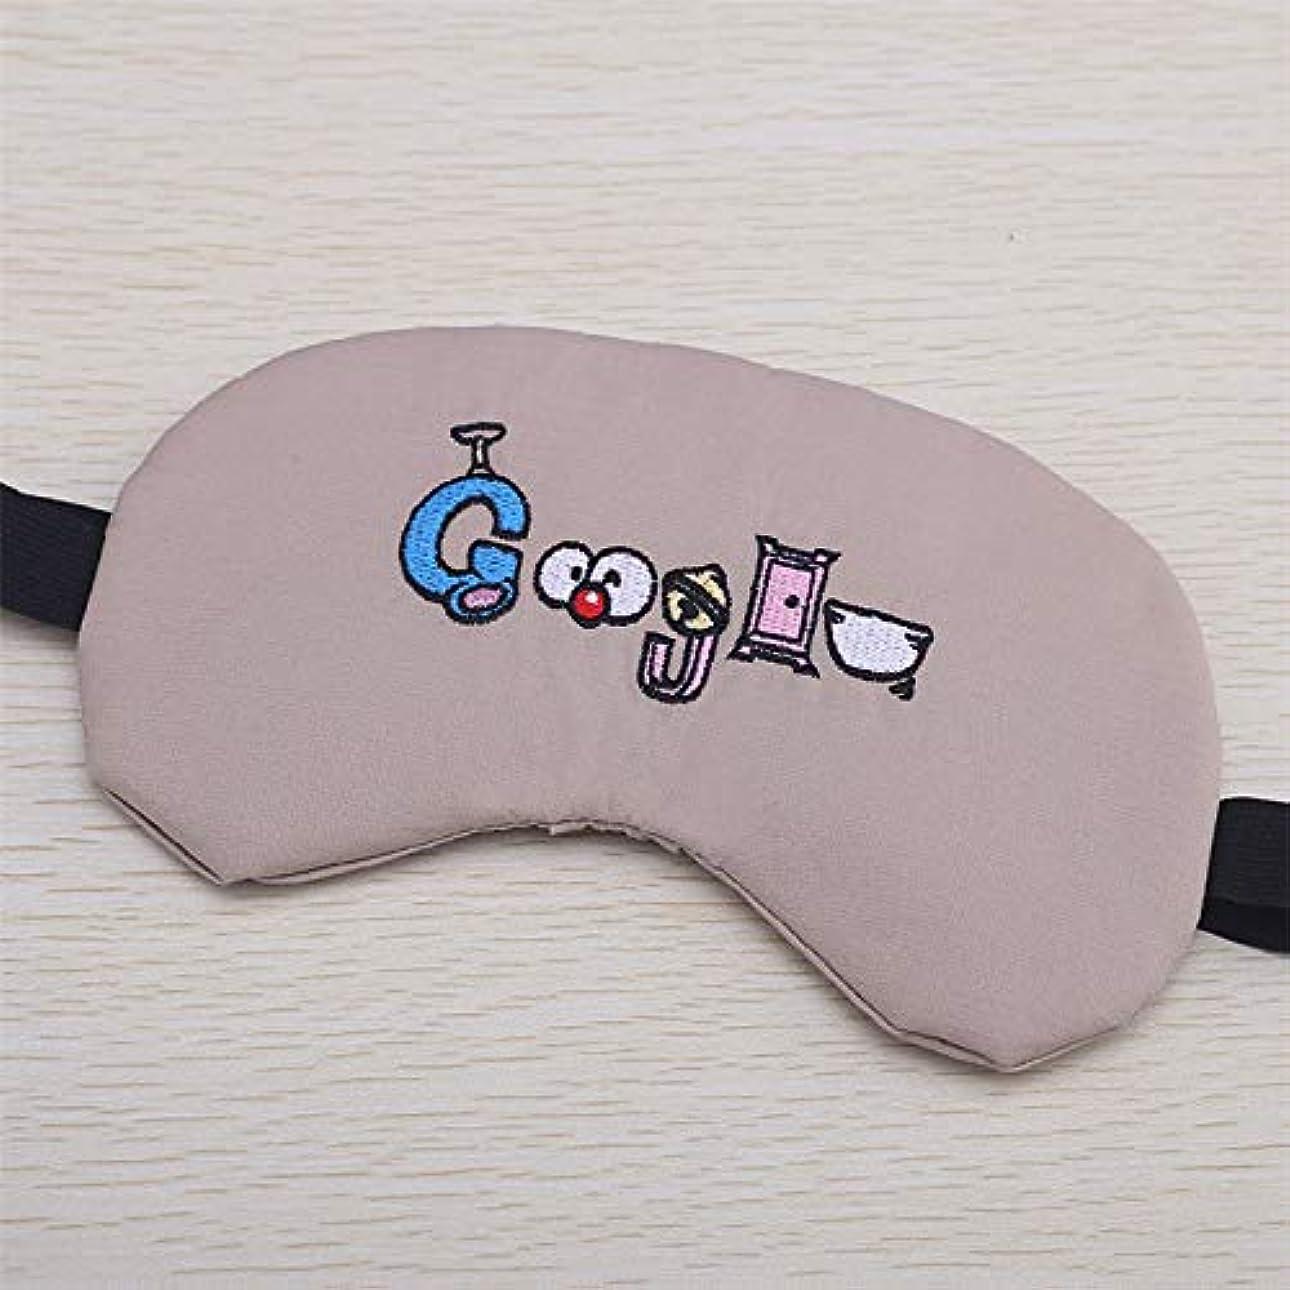 列挙するミンチ罰するNOTE 綿韓国風漫画睡眠マスク付き弾性包帯目隠しシェード睡眠アイカバー用シフト作業昼寝slaapmaskes